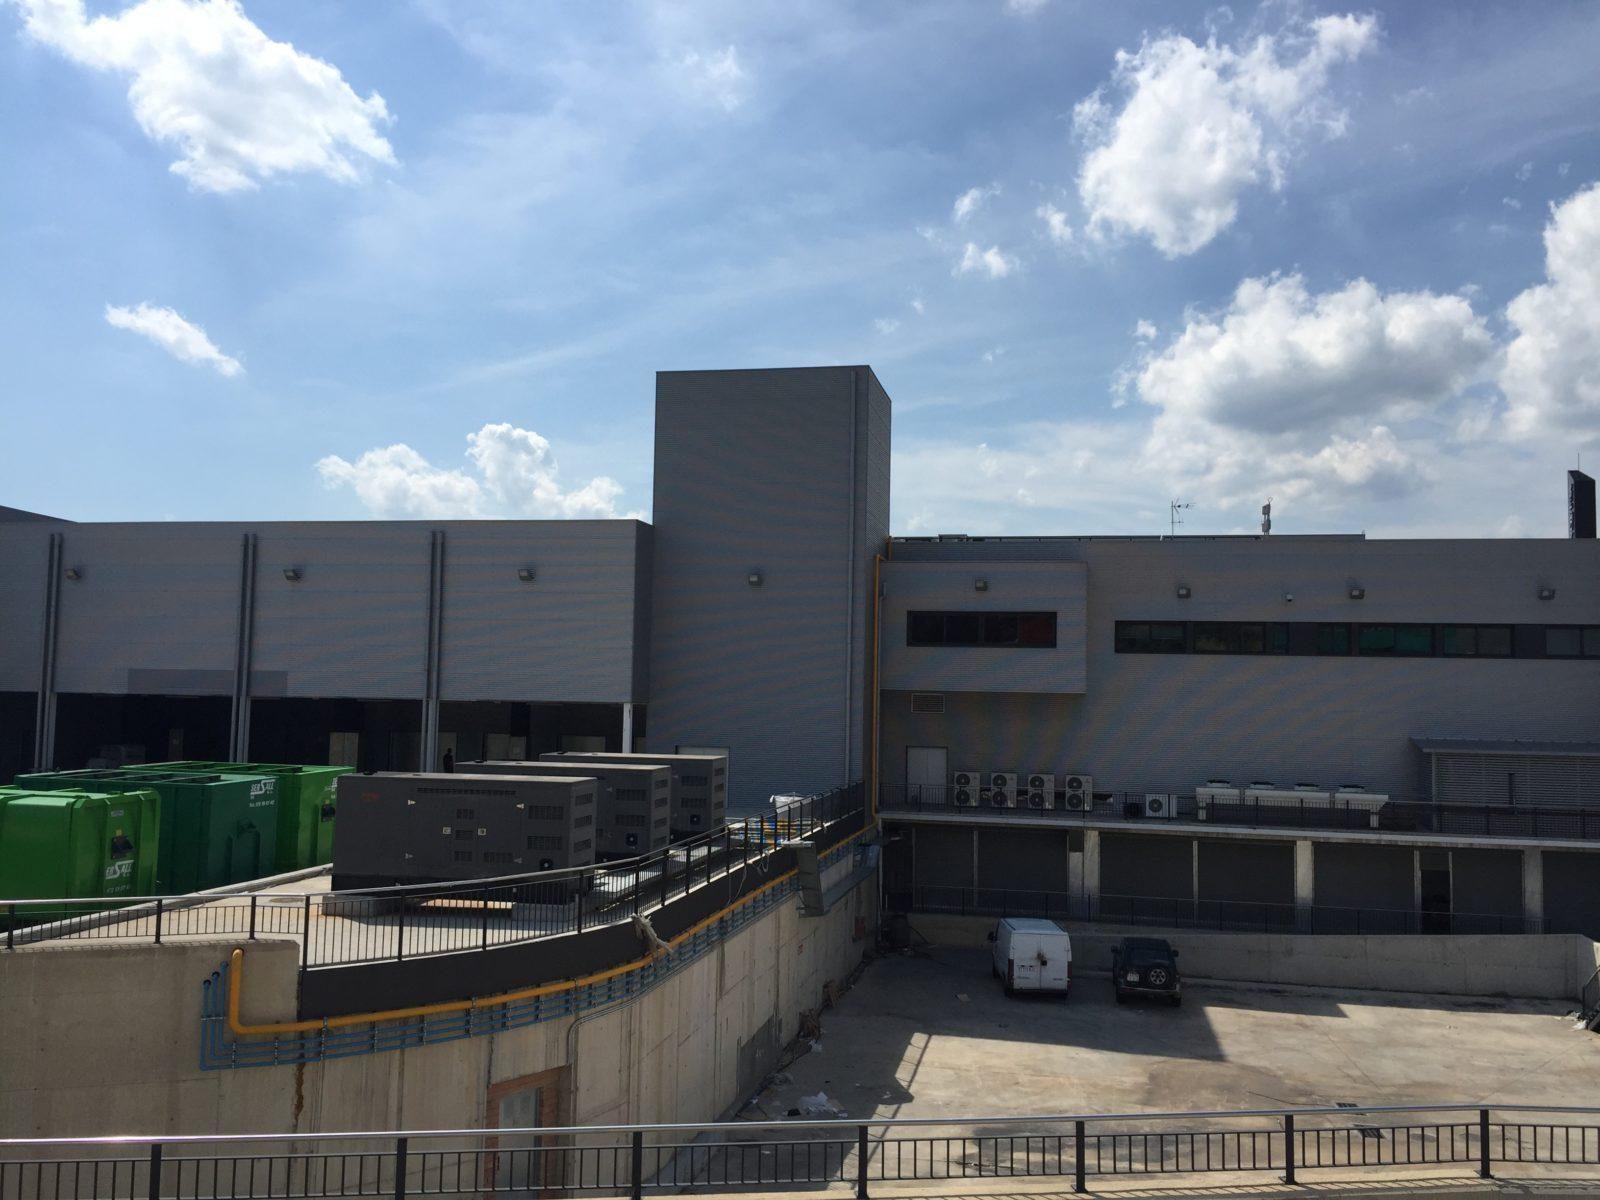 Instalaci n en centro gran la jonquera un centro comercial seguro agresa - Centro comercial la jonquera ...